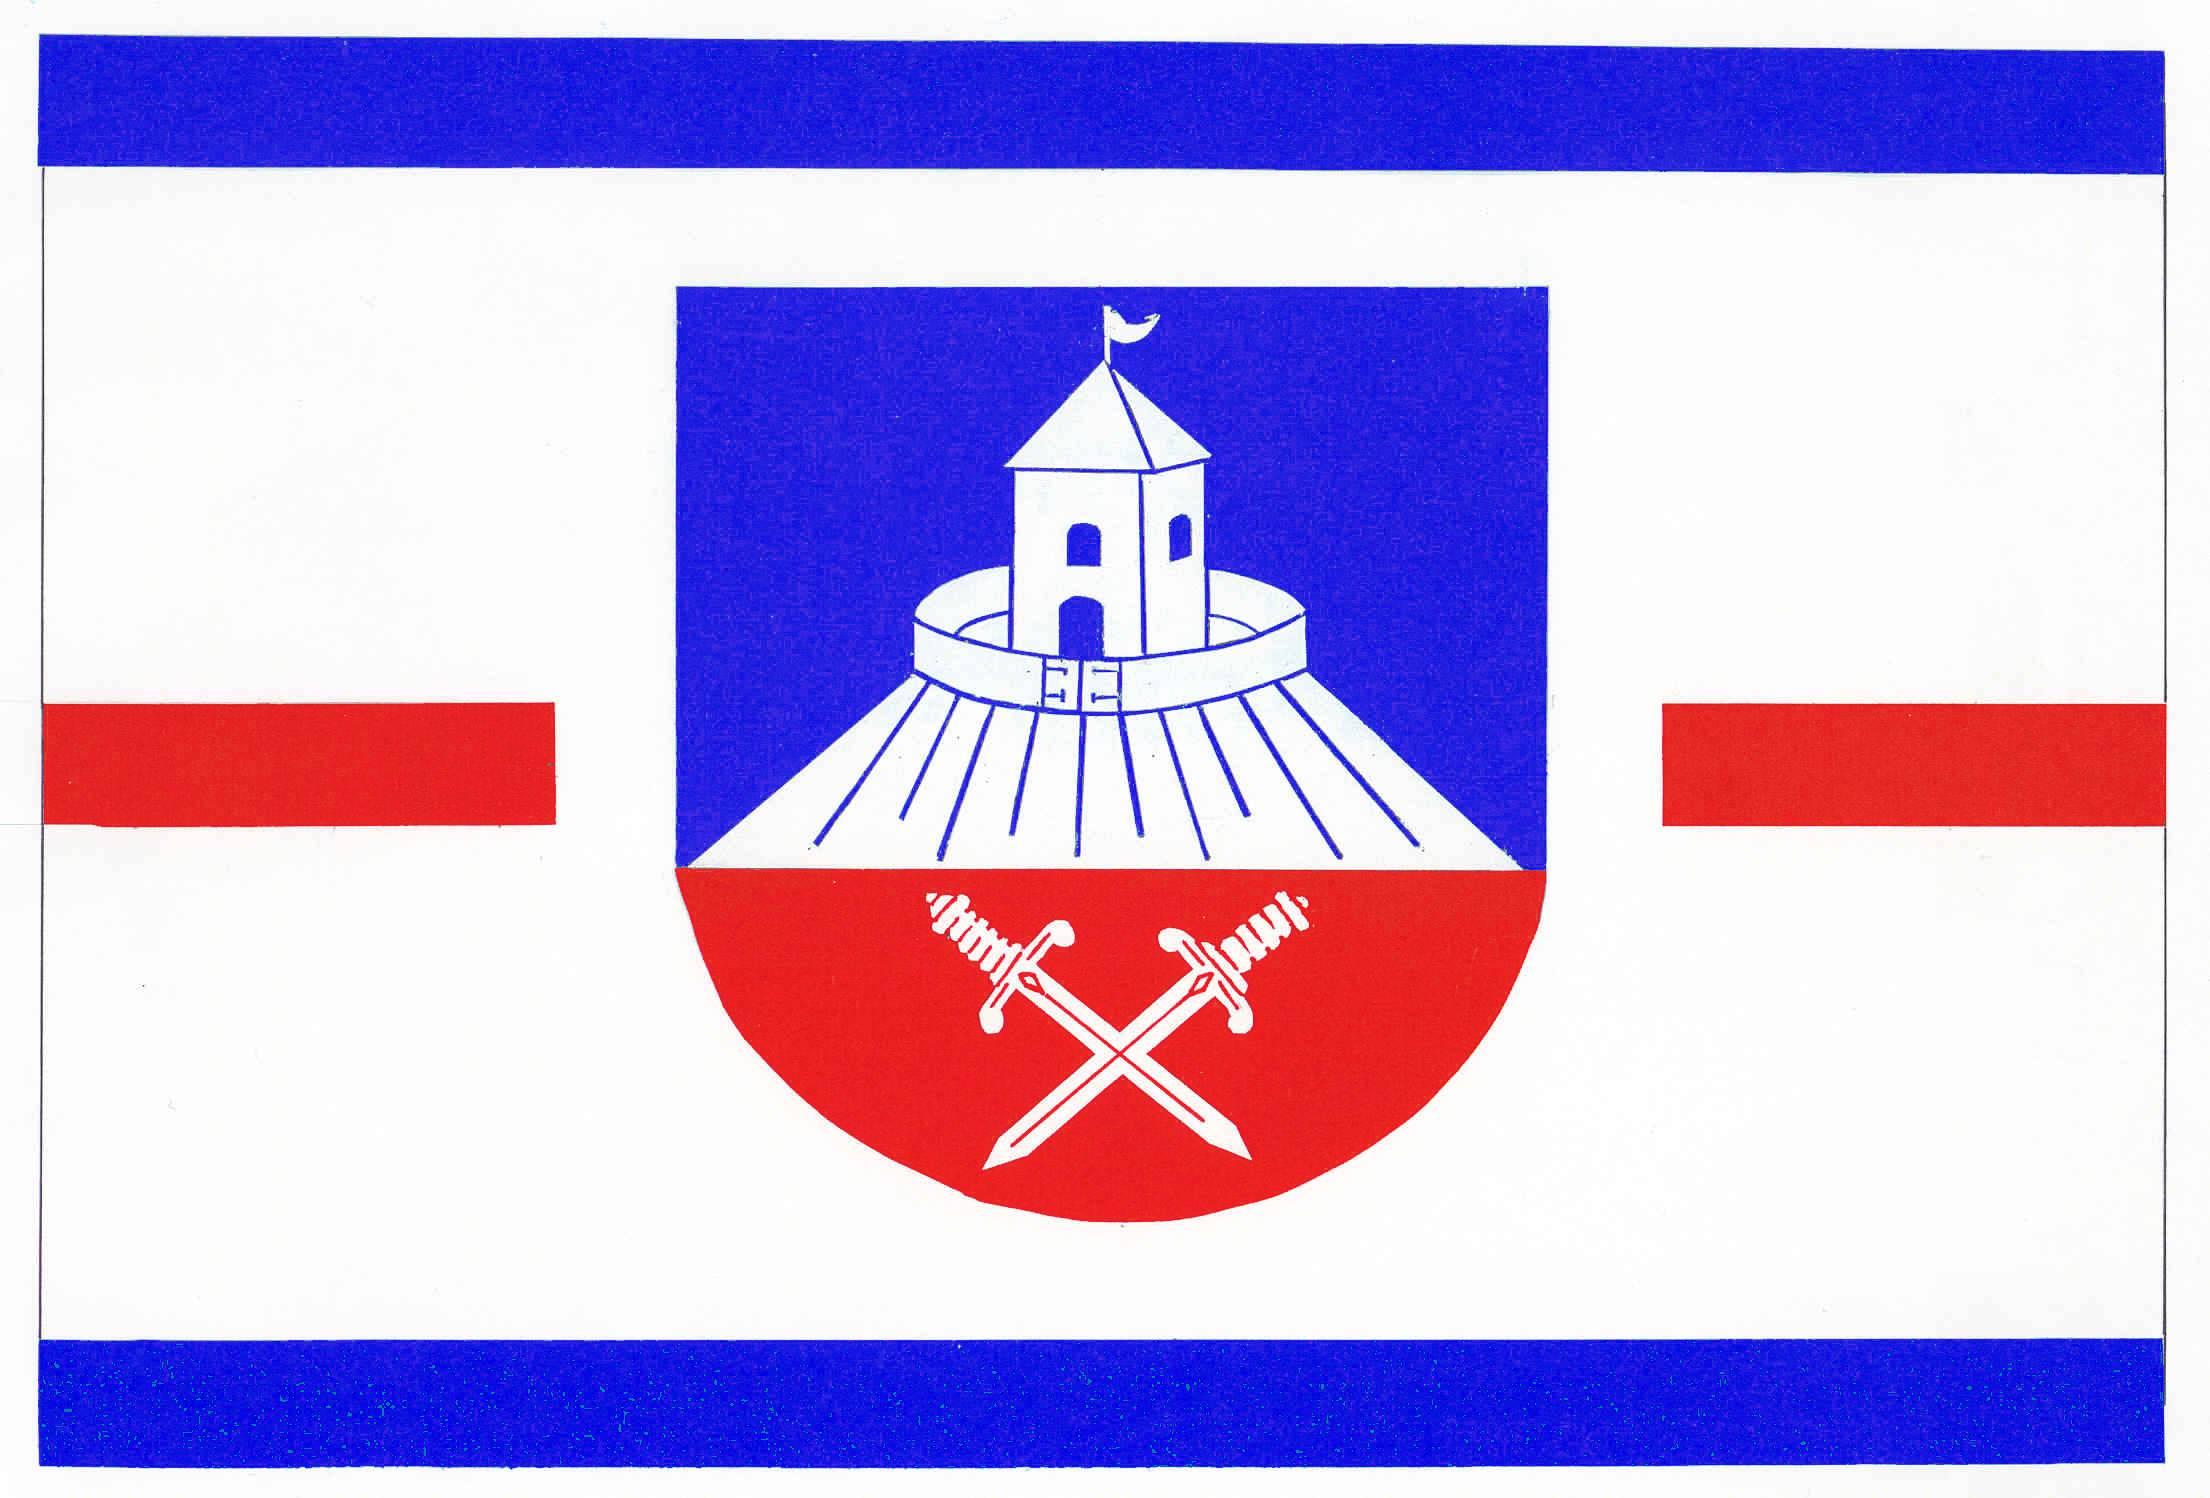 Flagge GemeindeBorstorf, Kreis Herzogtum Lauenburg